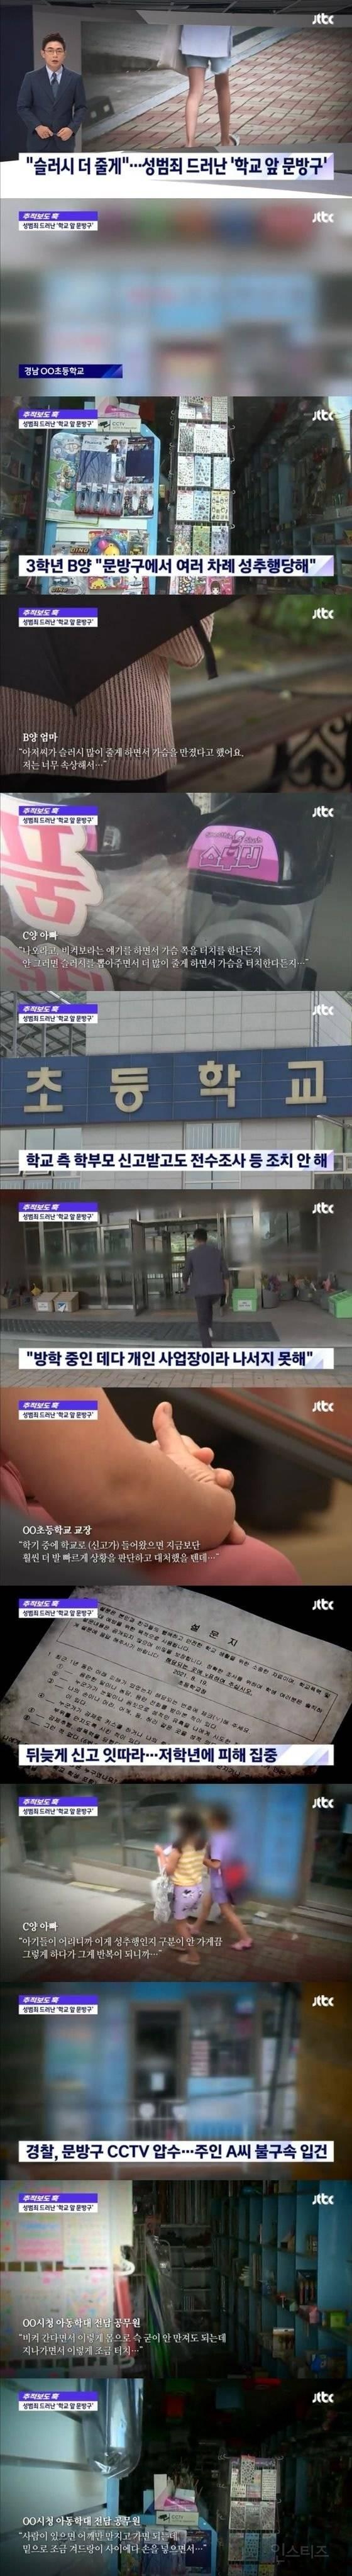 """""""학교 앞 문방구 아저씨가 성추행""""..10명가량 피해 호소   인스티즈"""